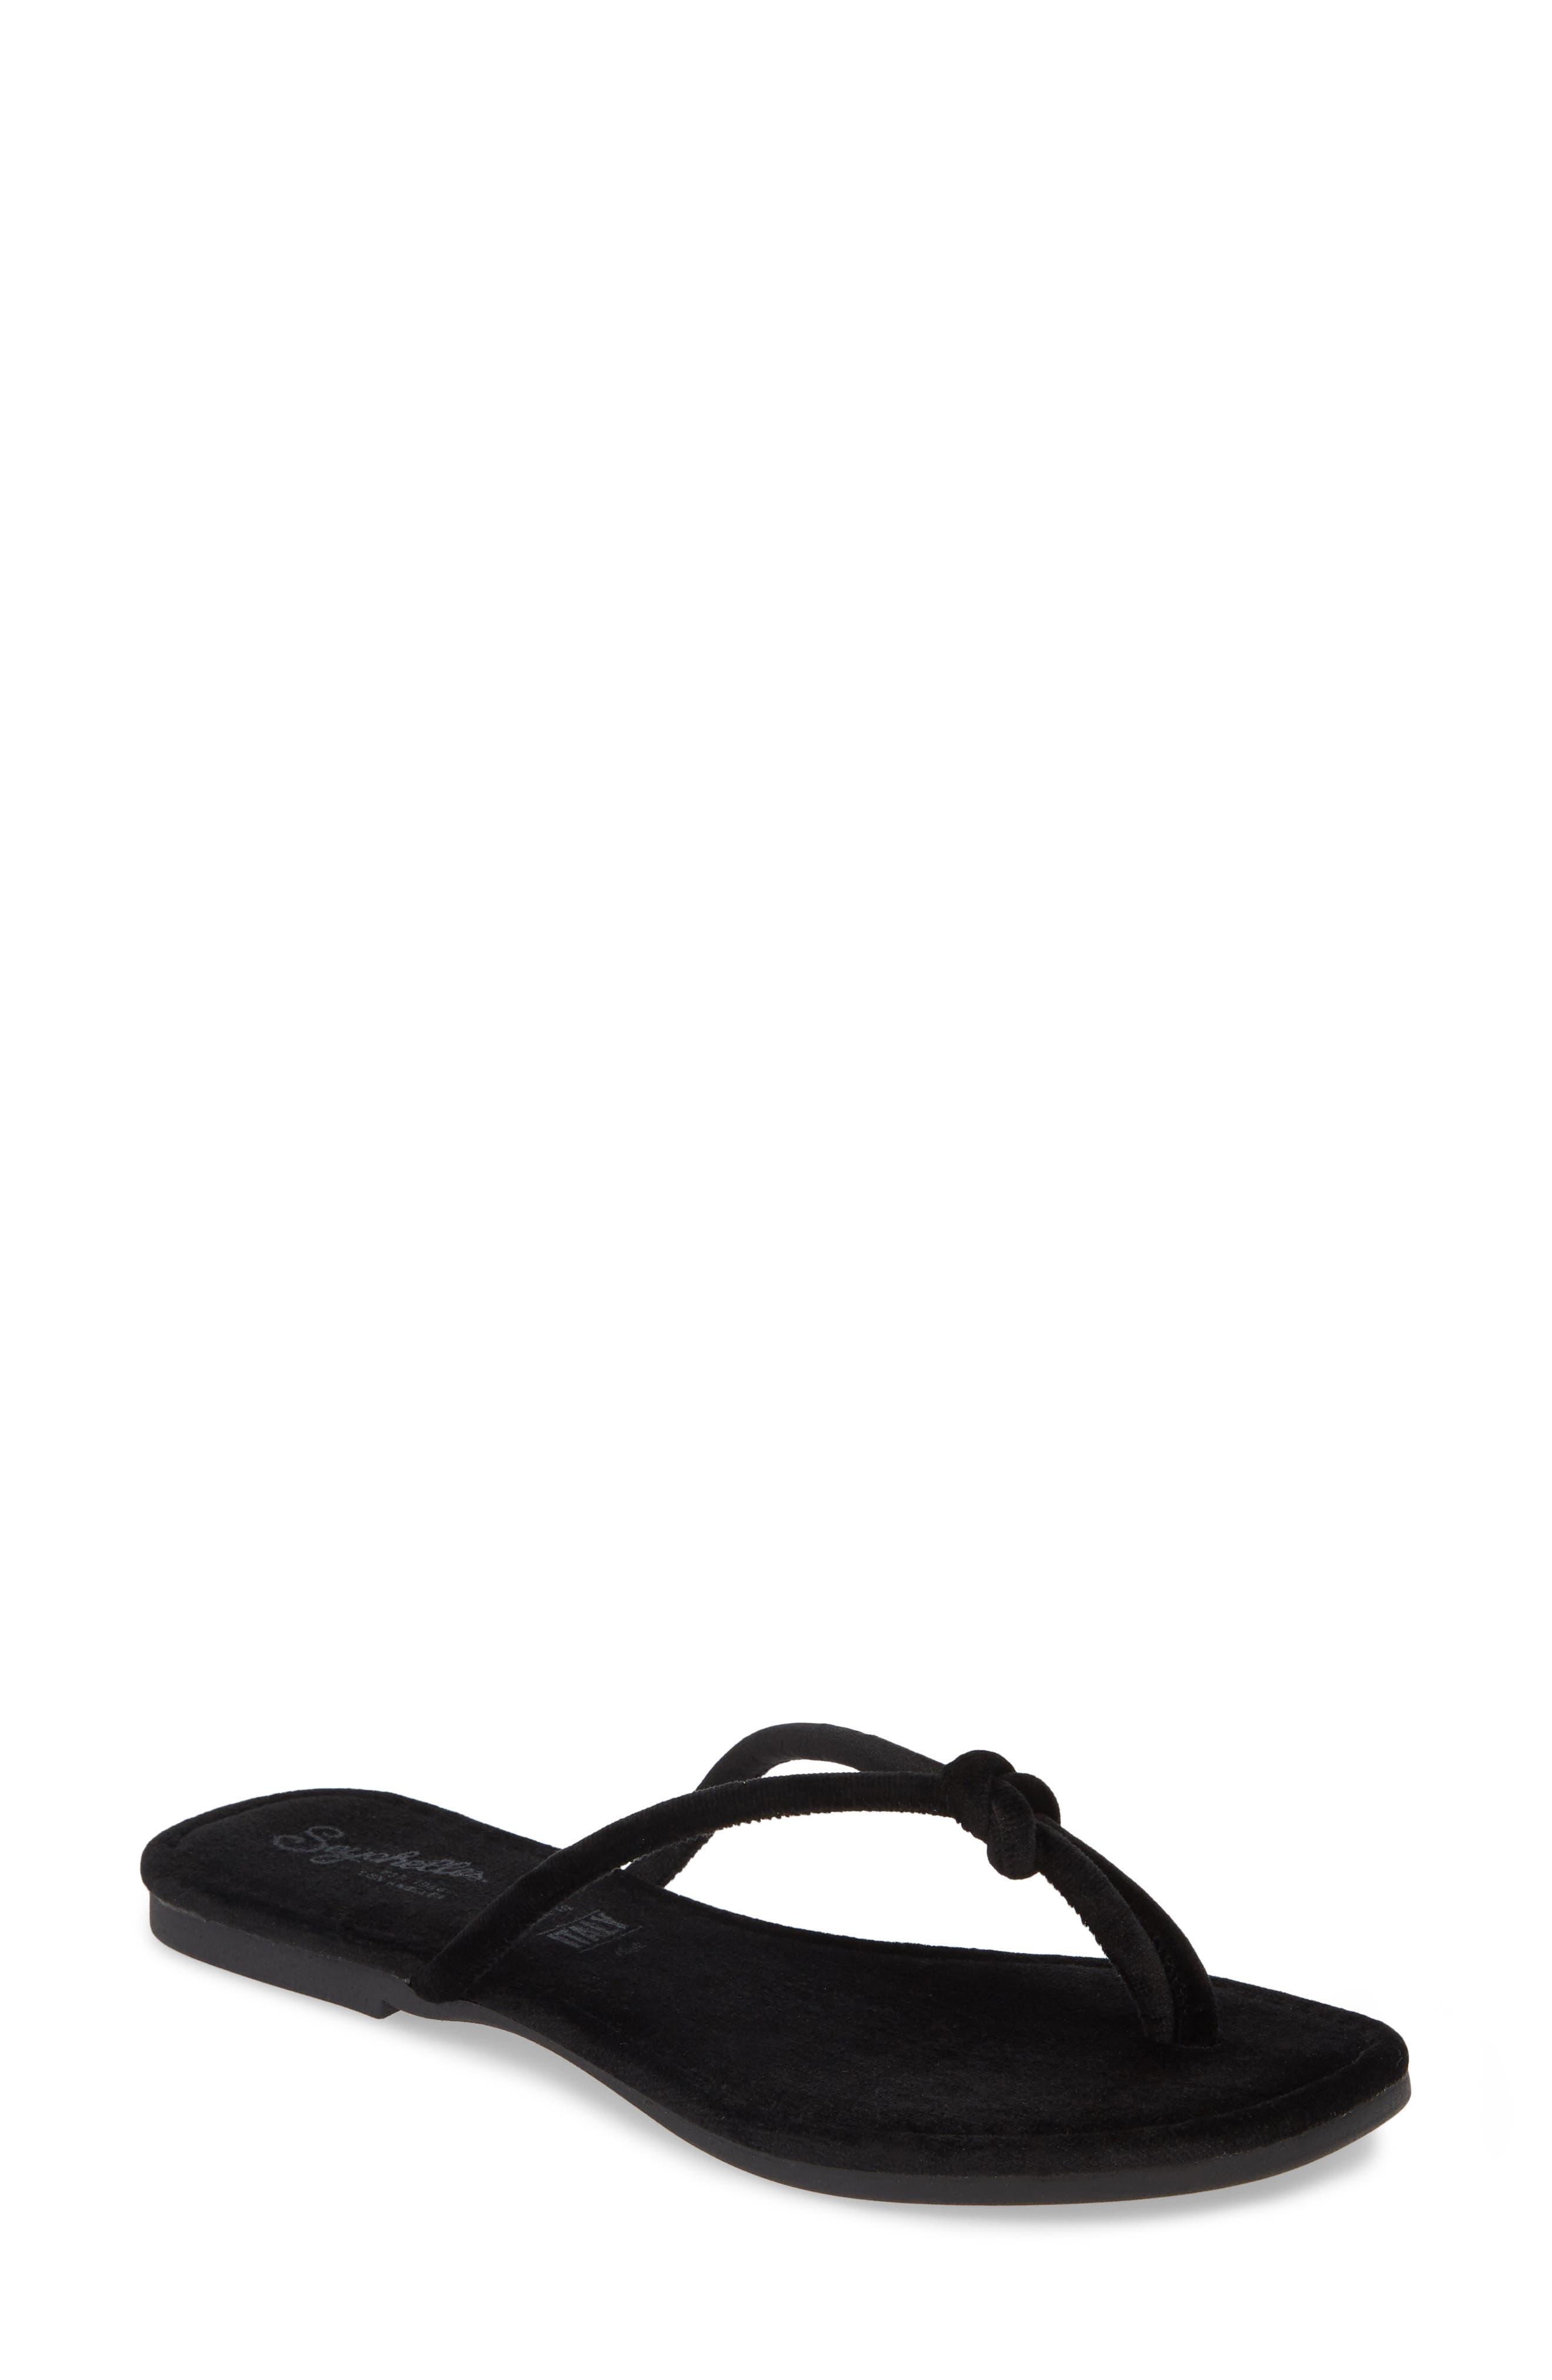 Seychelles Lifelong Flip Flop, Black